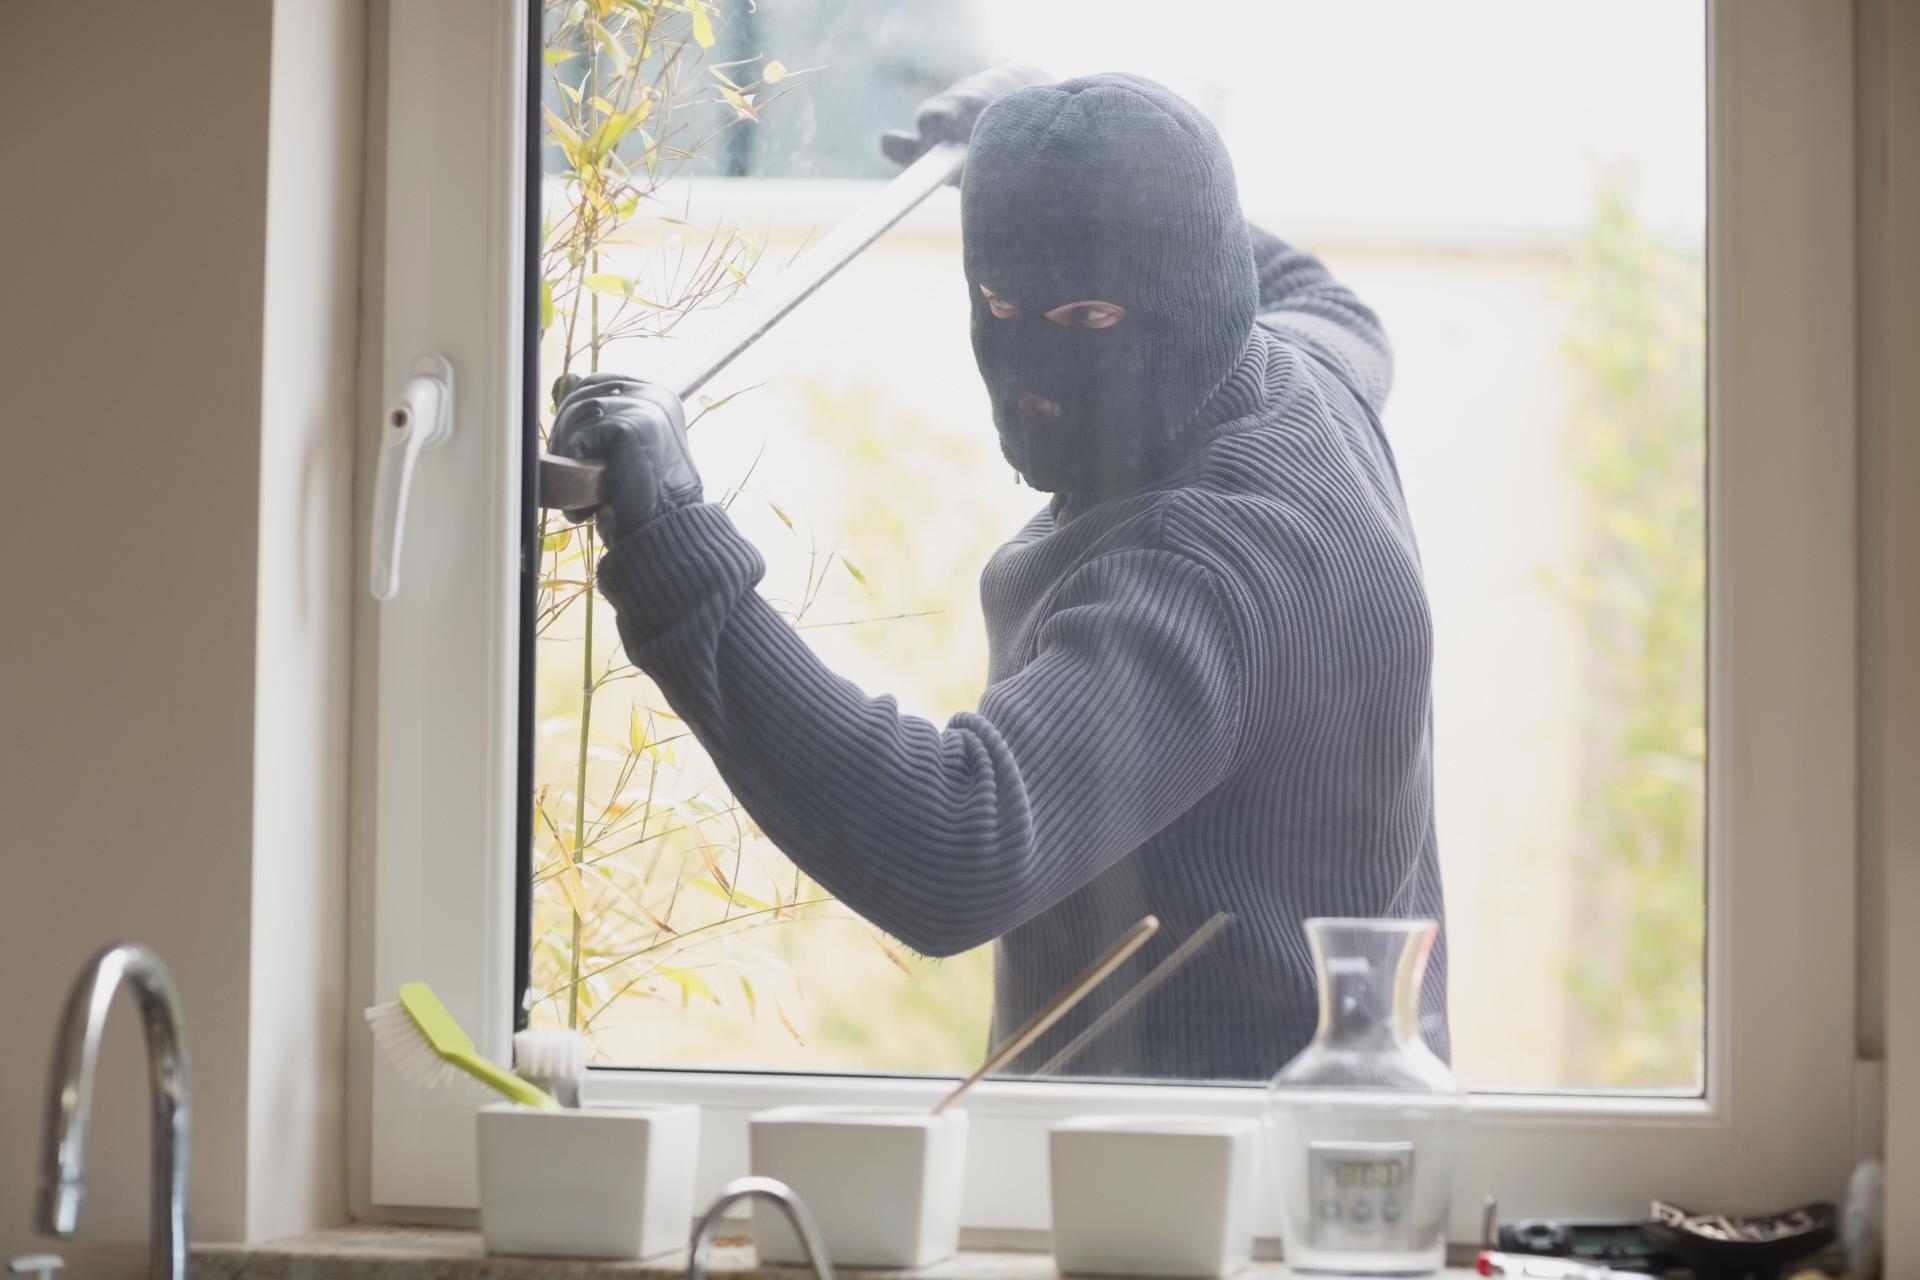 Ladrón intentando entrar en una vivienda / Gtres